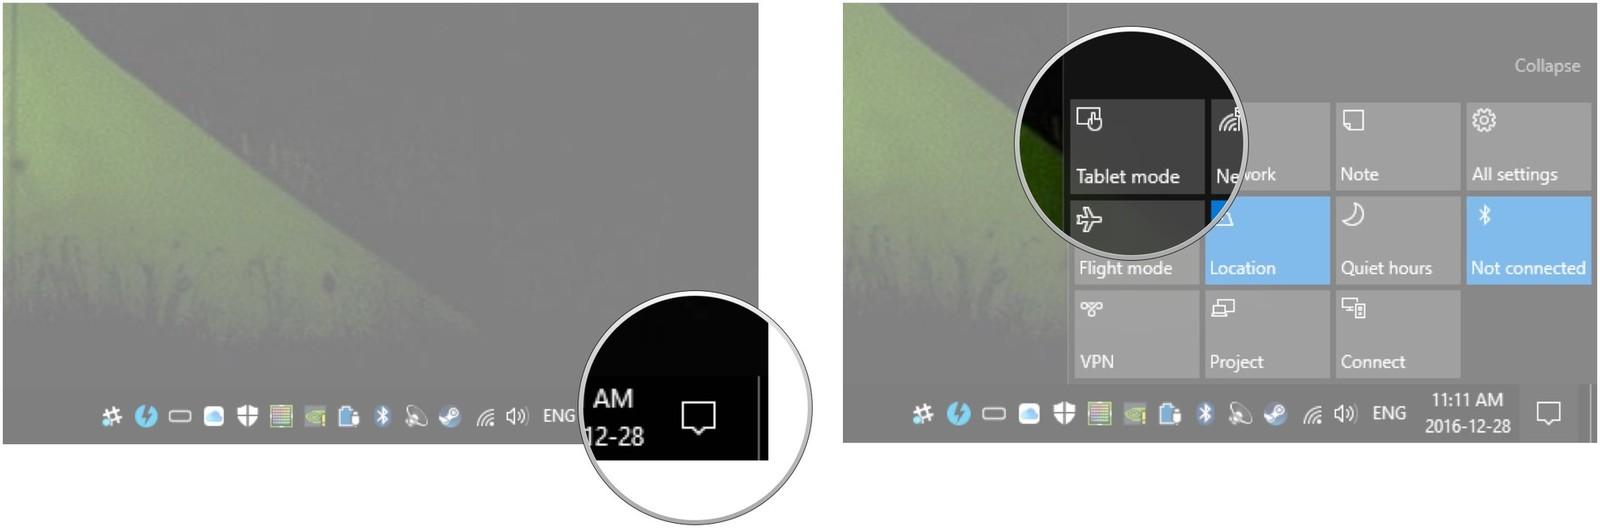 chto-takoe-rezhim-plansheta-v-windows-10-kak-vruchnuyu-vklyuchit-rezhim-plansheta